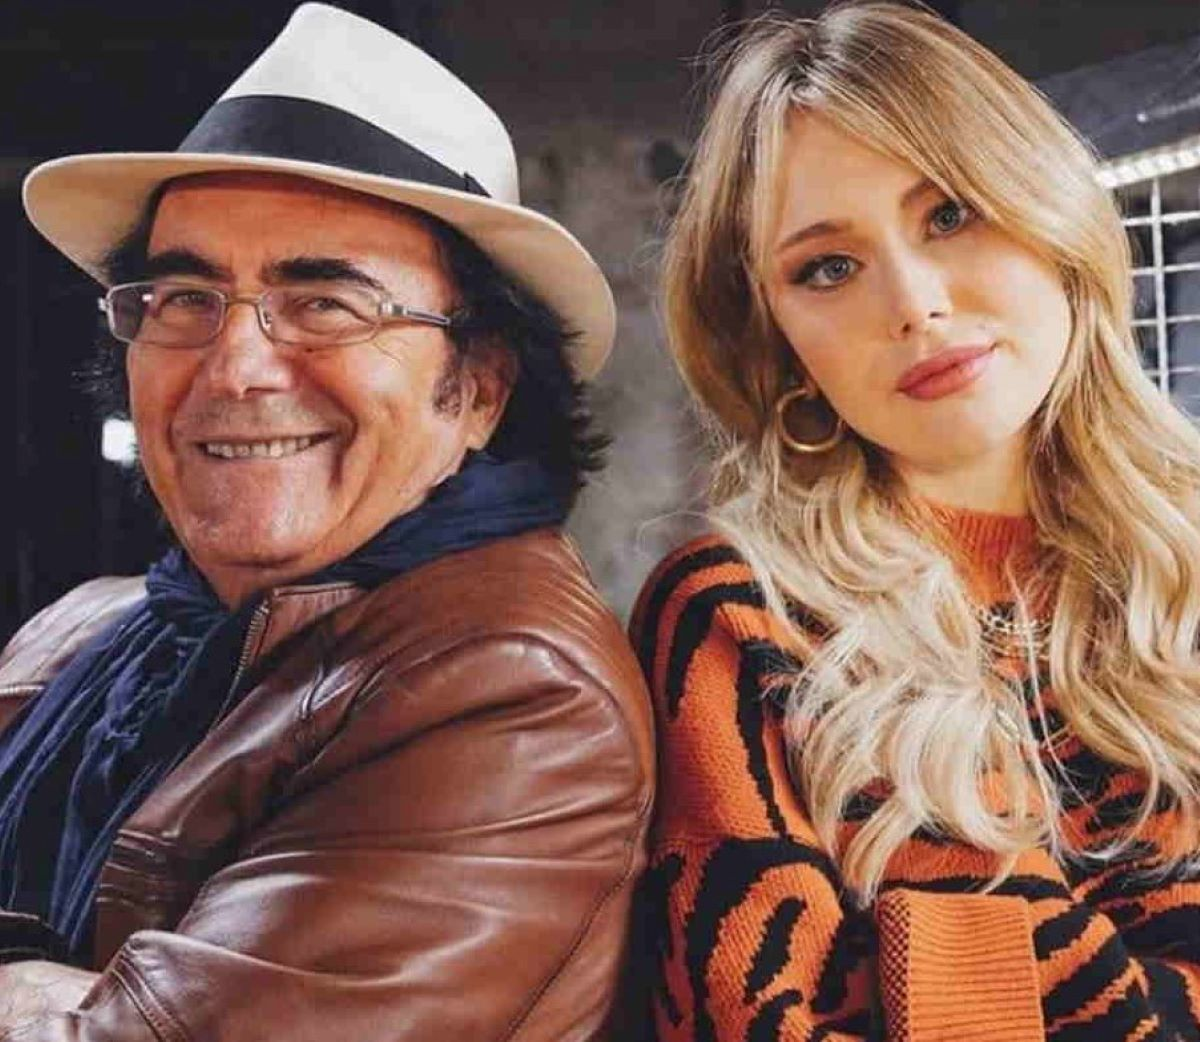 Albano Carrisi Conduzione Programma Rai 1 La Notte della Taranta 2021